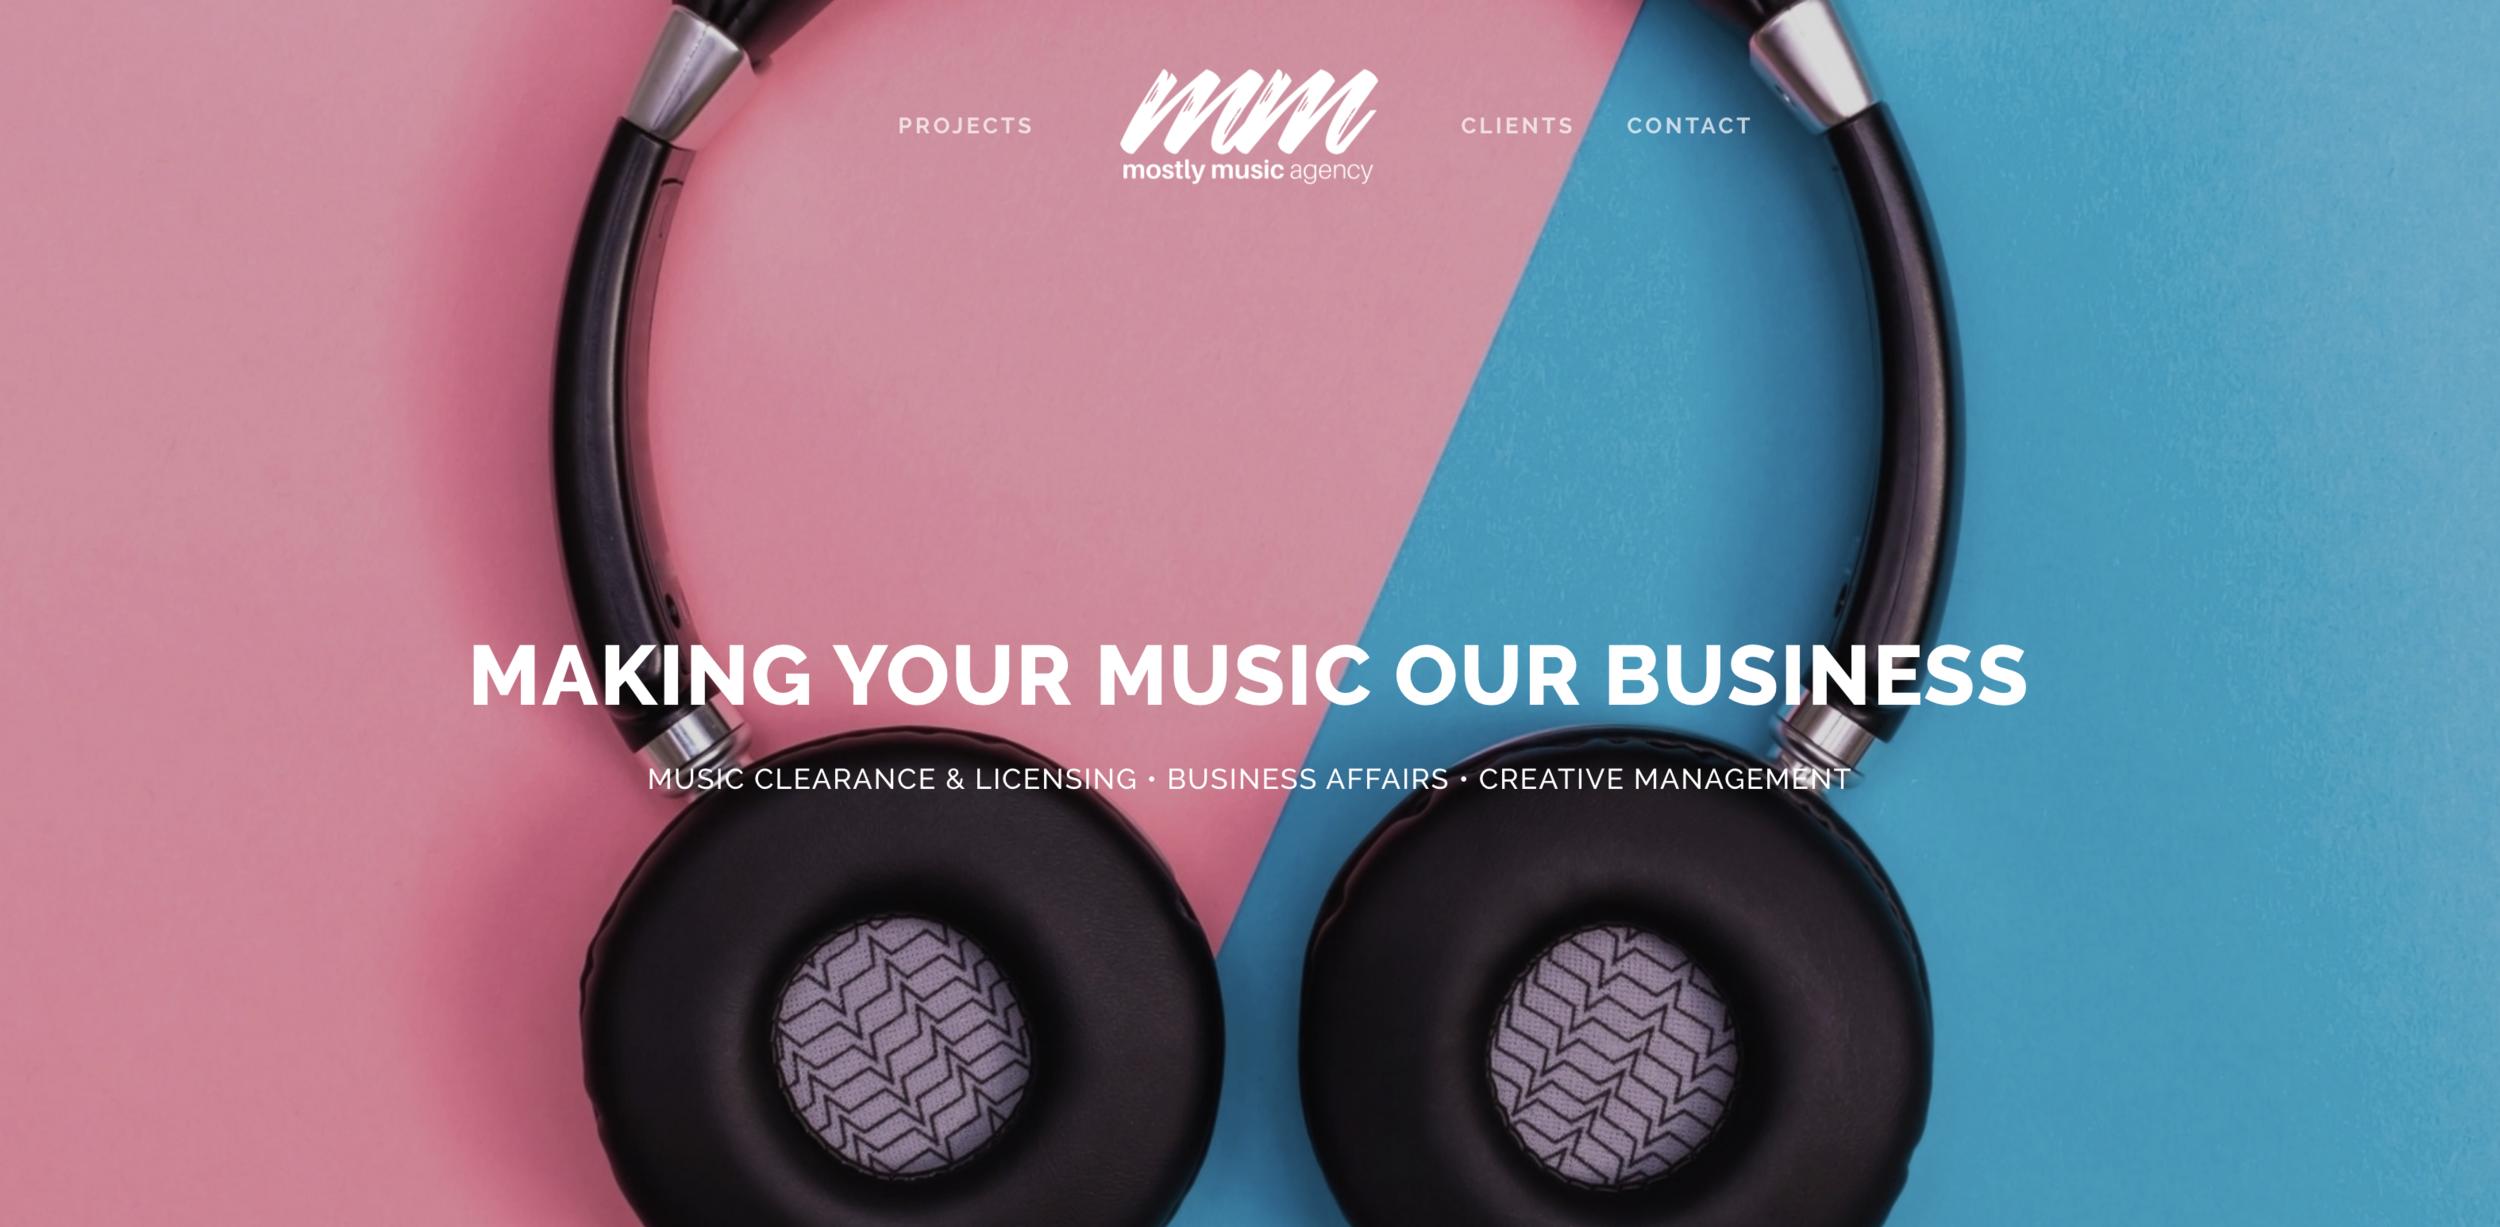 mostlymusicagency.com